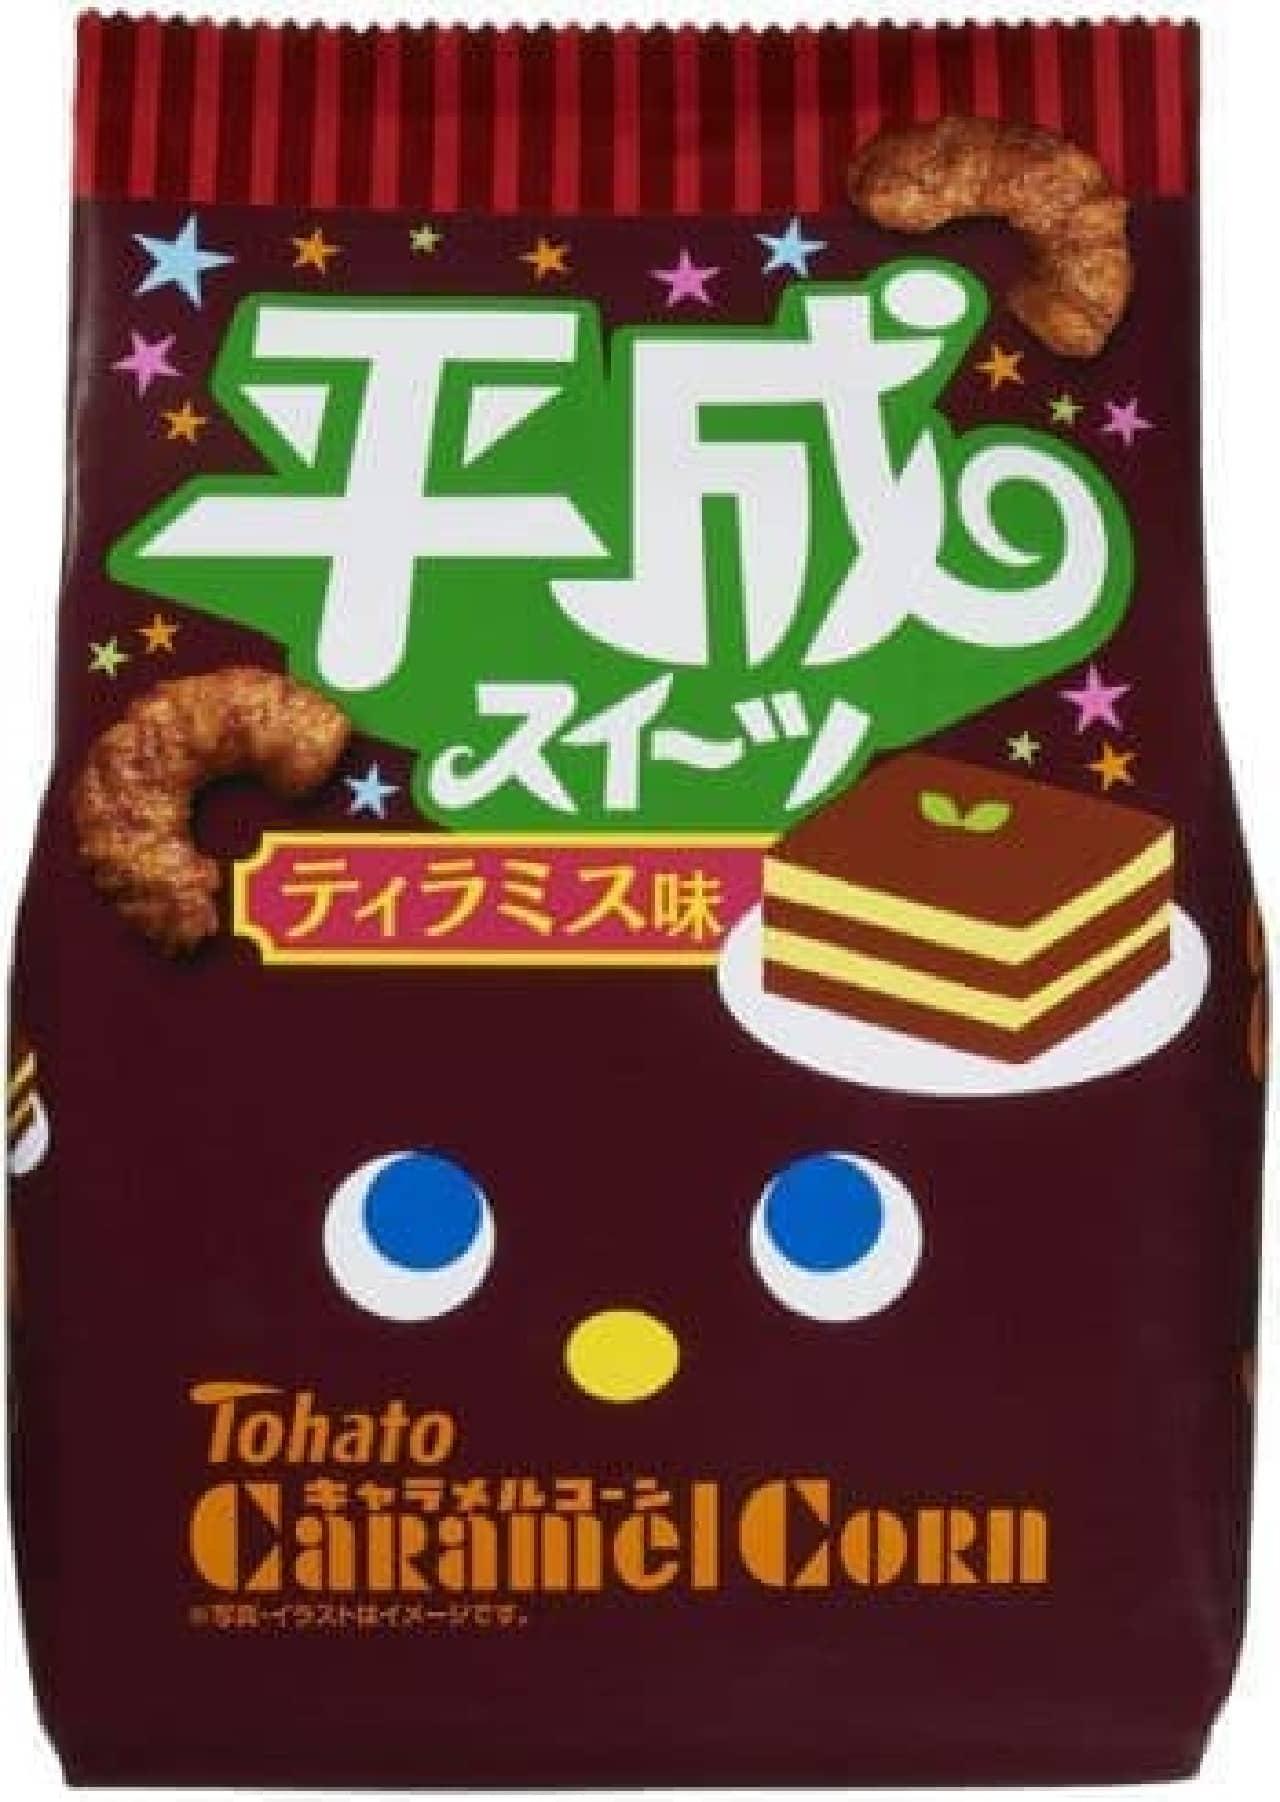 キャラメルコーン「平成スイーツ ティラミス味」